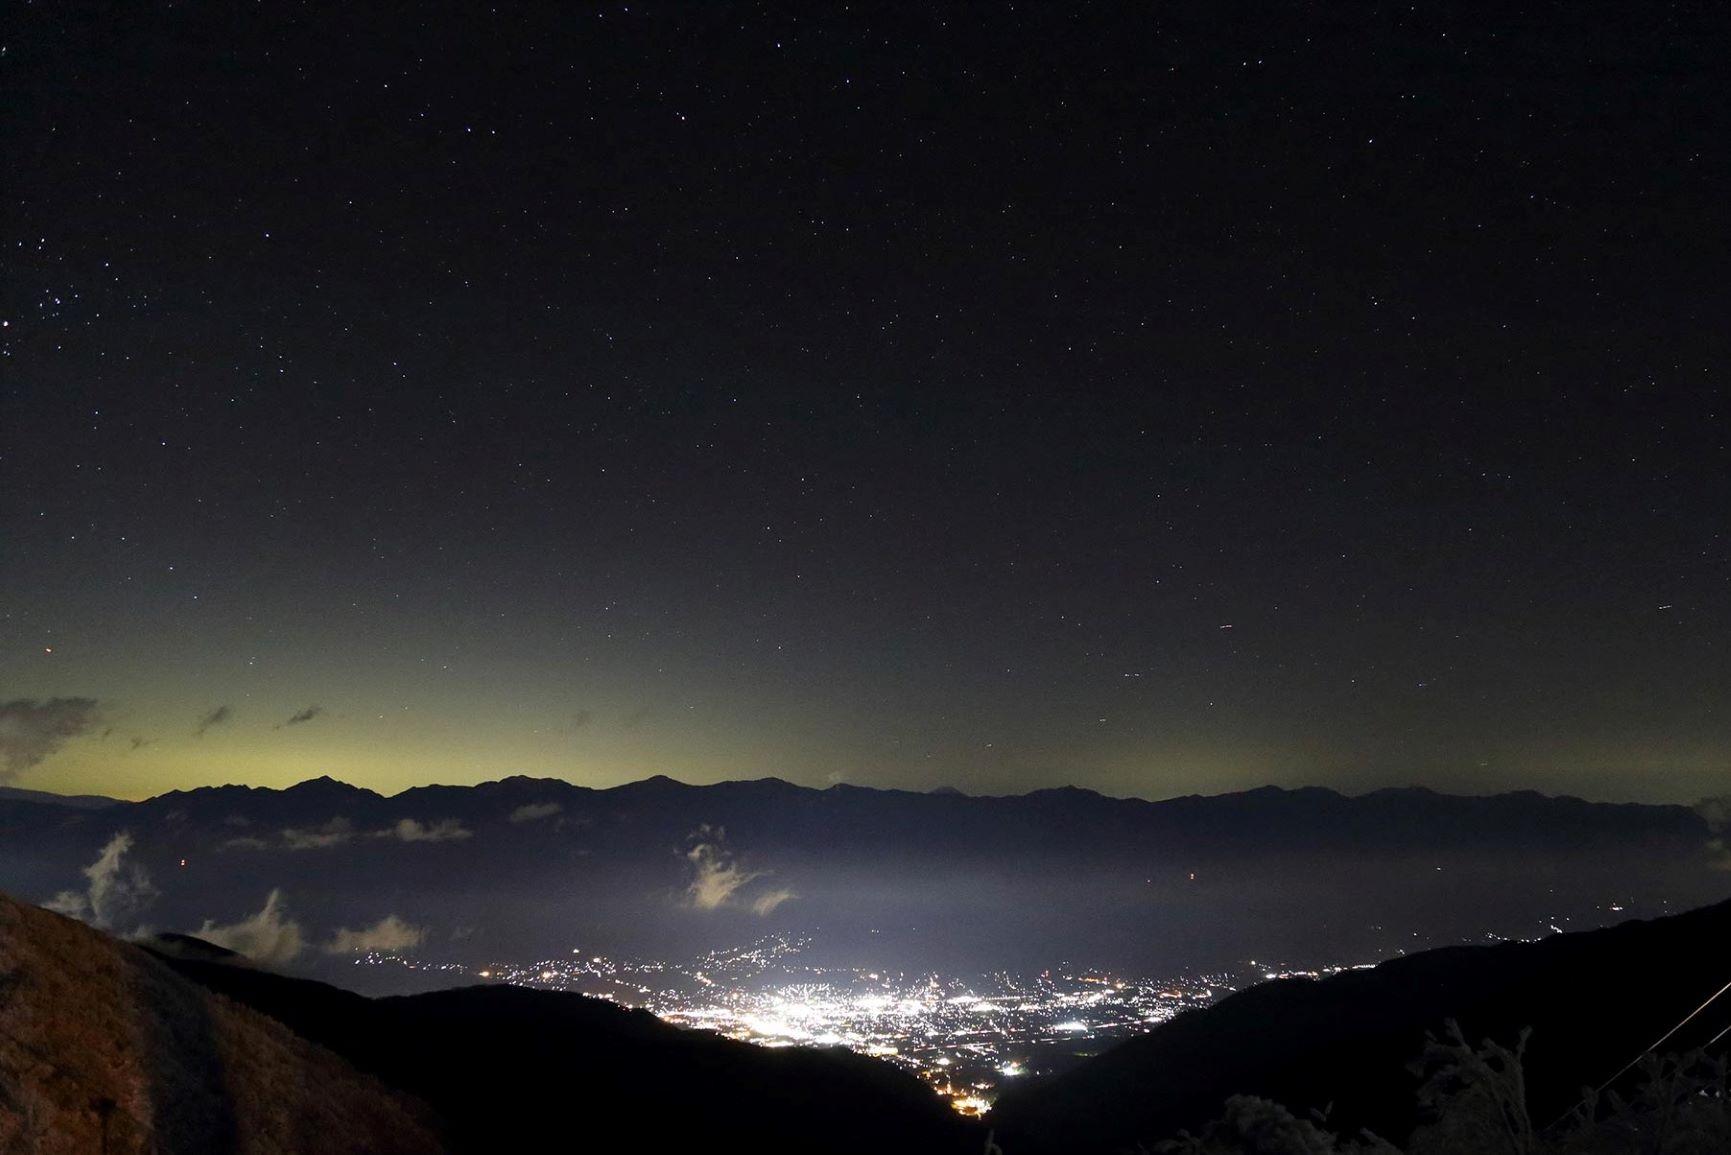 山上のホテルに泊まるからこそ望むことができる美しい夜景を楽しむ